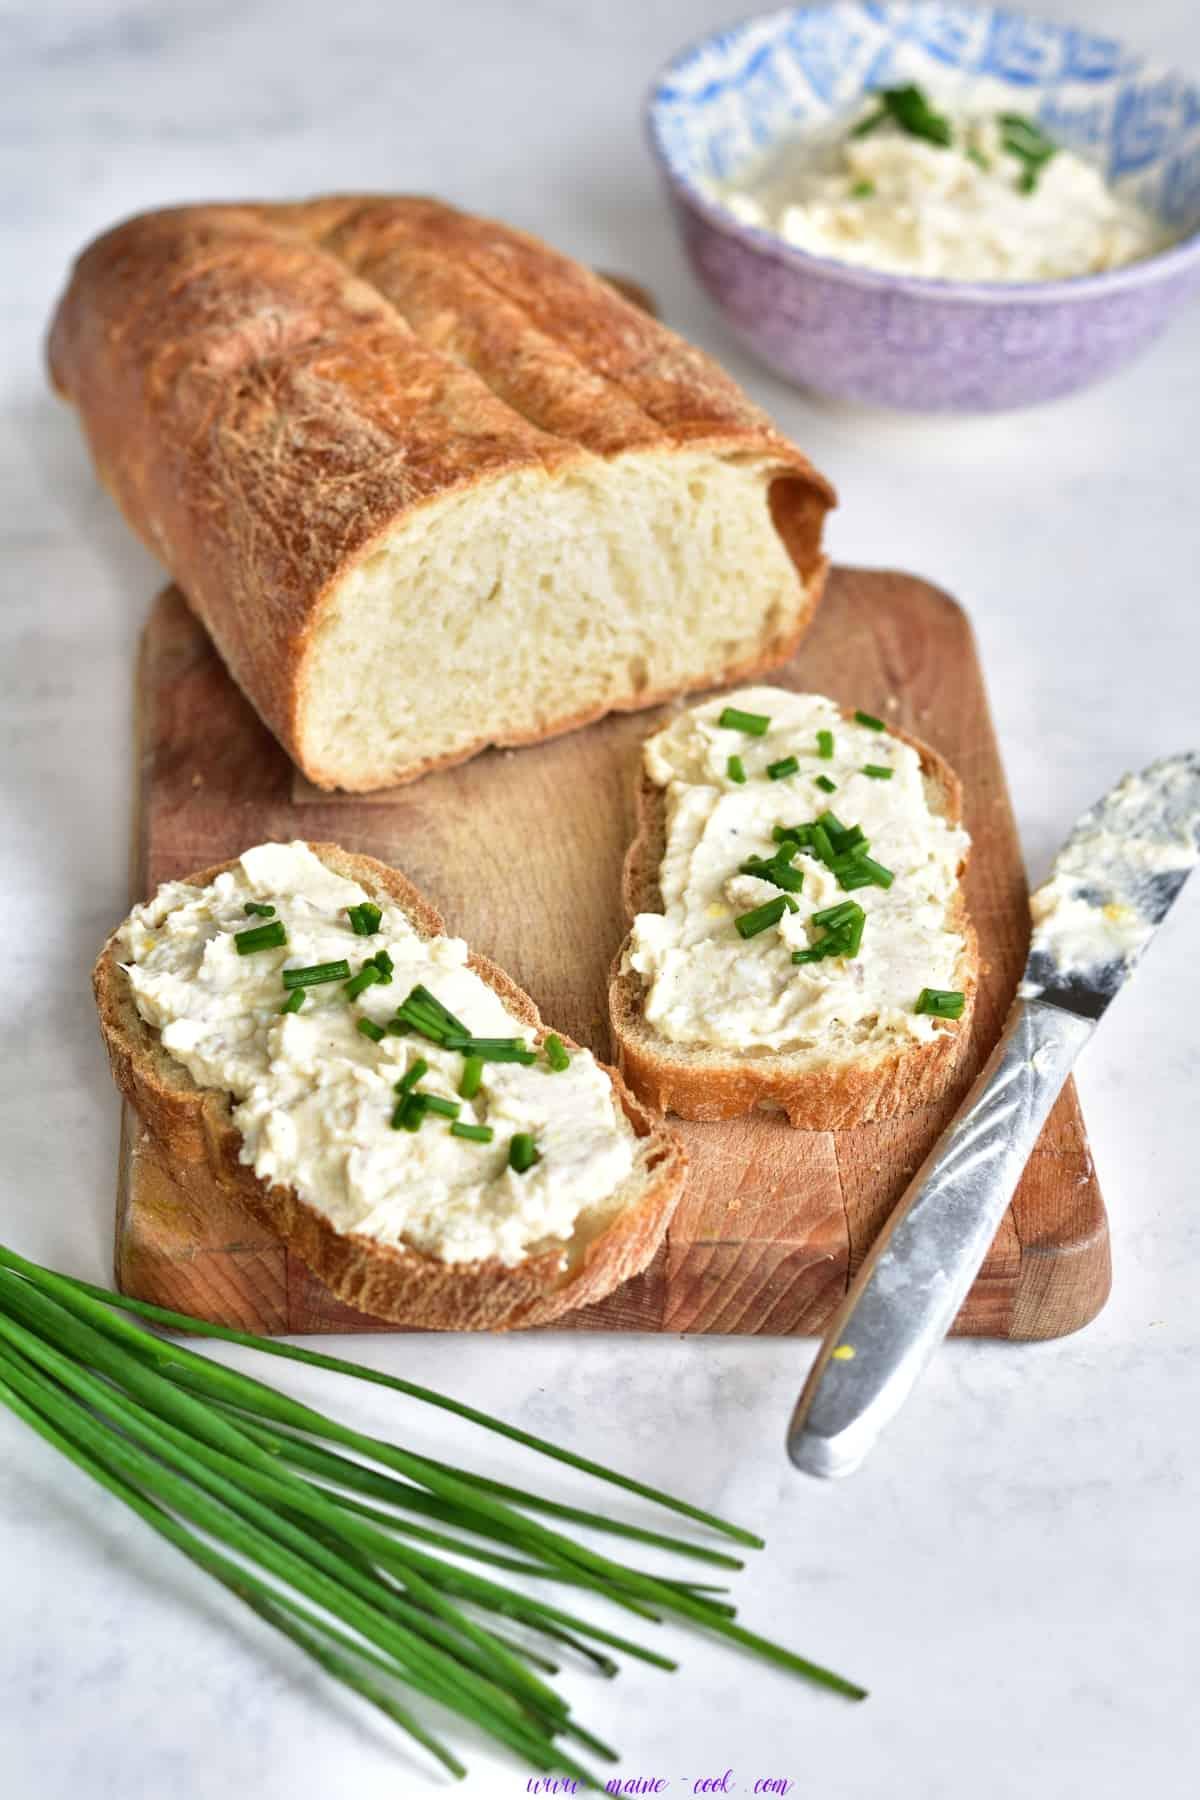 Pasta z wędzonego pstrąga, jajek i białego sera Smoked trout, egg and white cheese spread